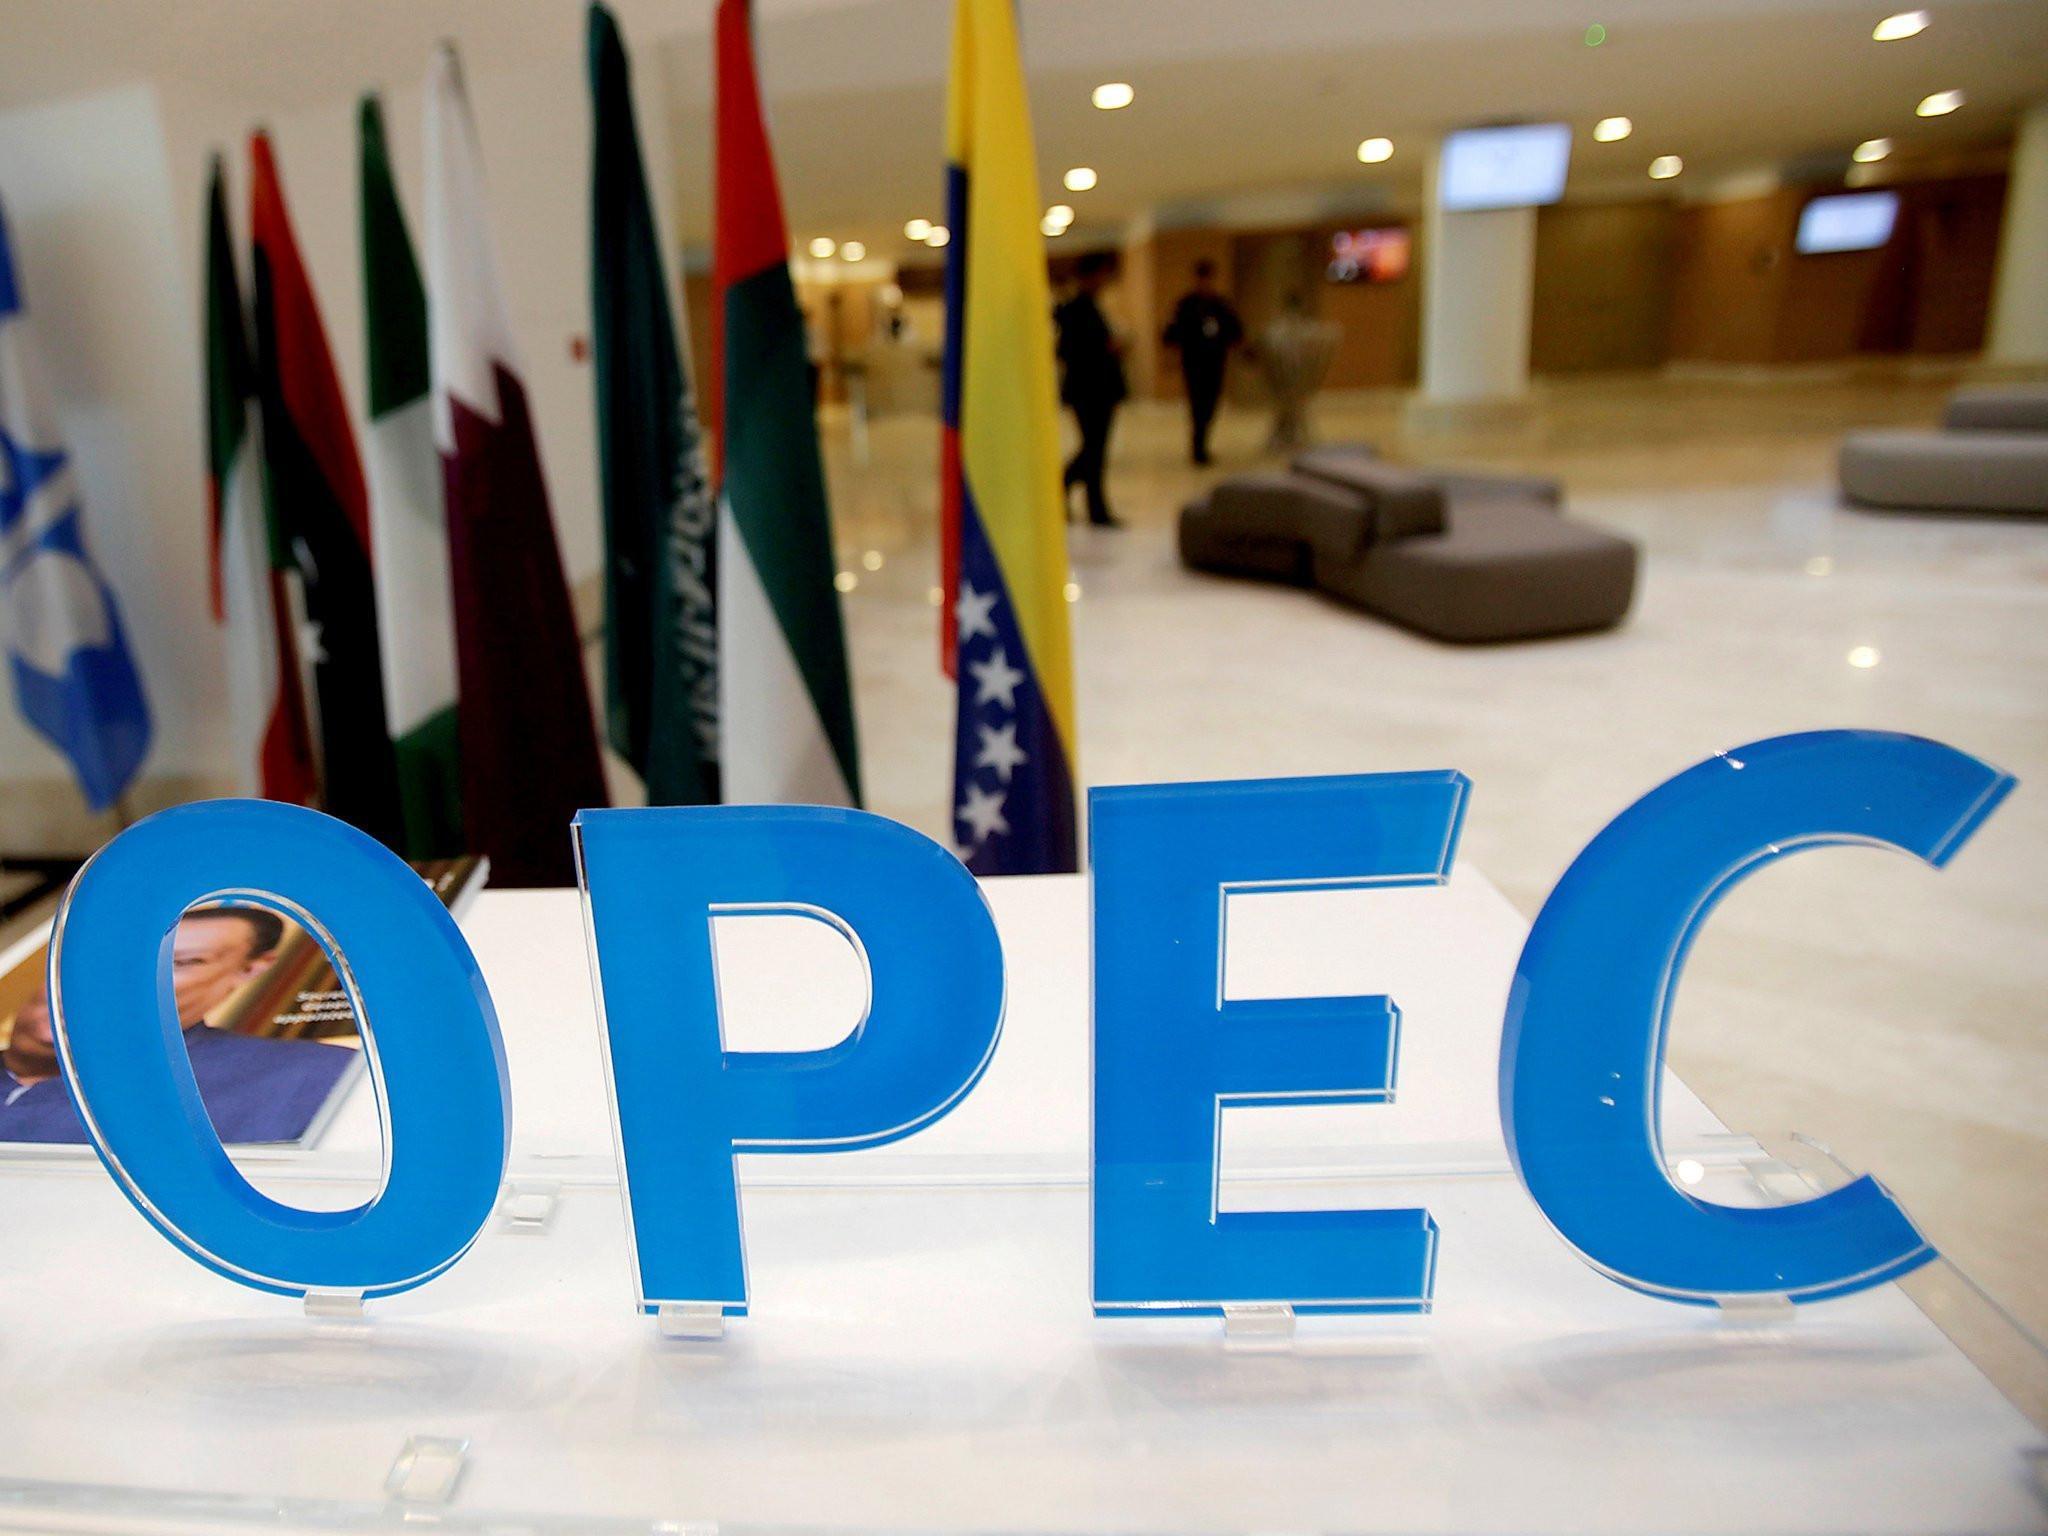 OPEC+ ölkələrinin nazirləri hasilatın azaldılması ilə bağlı sazişdə kvotalar üzrə iclas keçirir